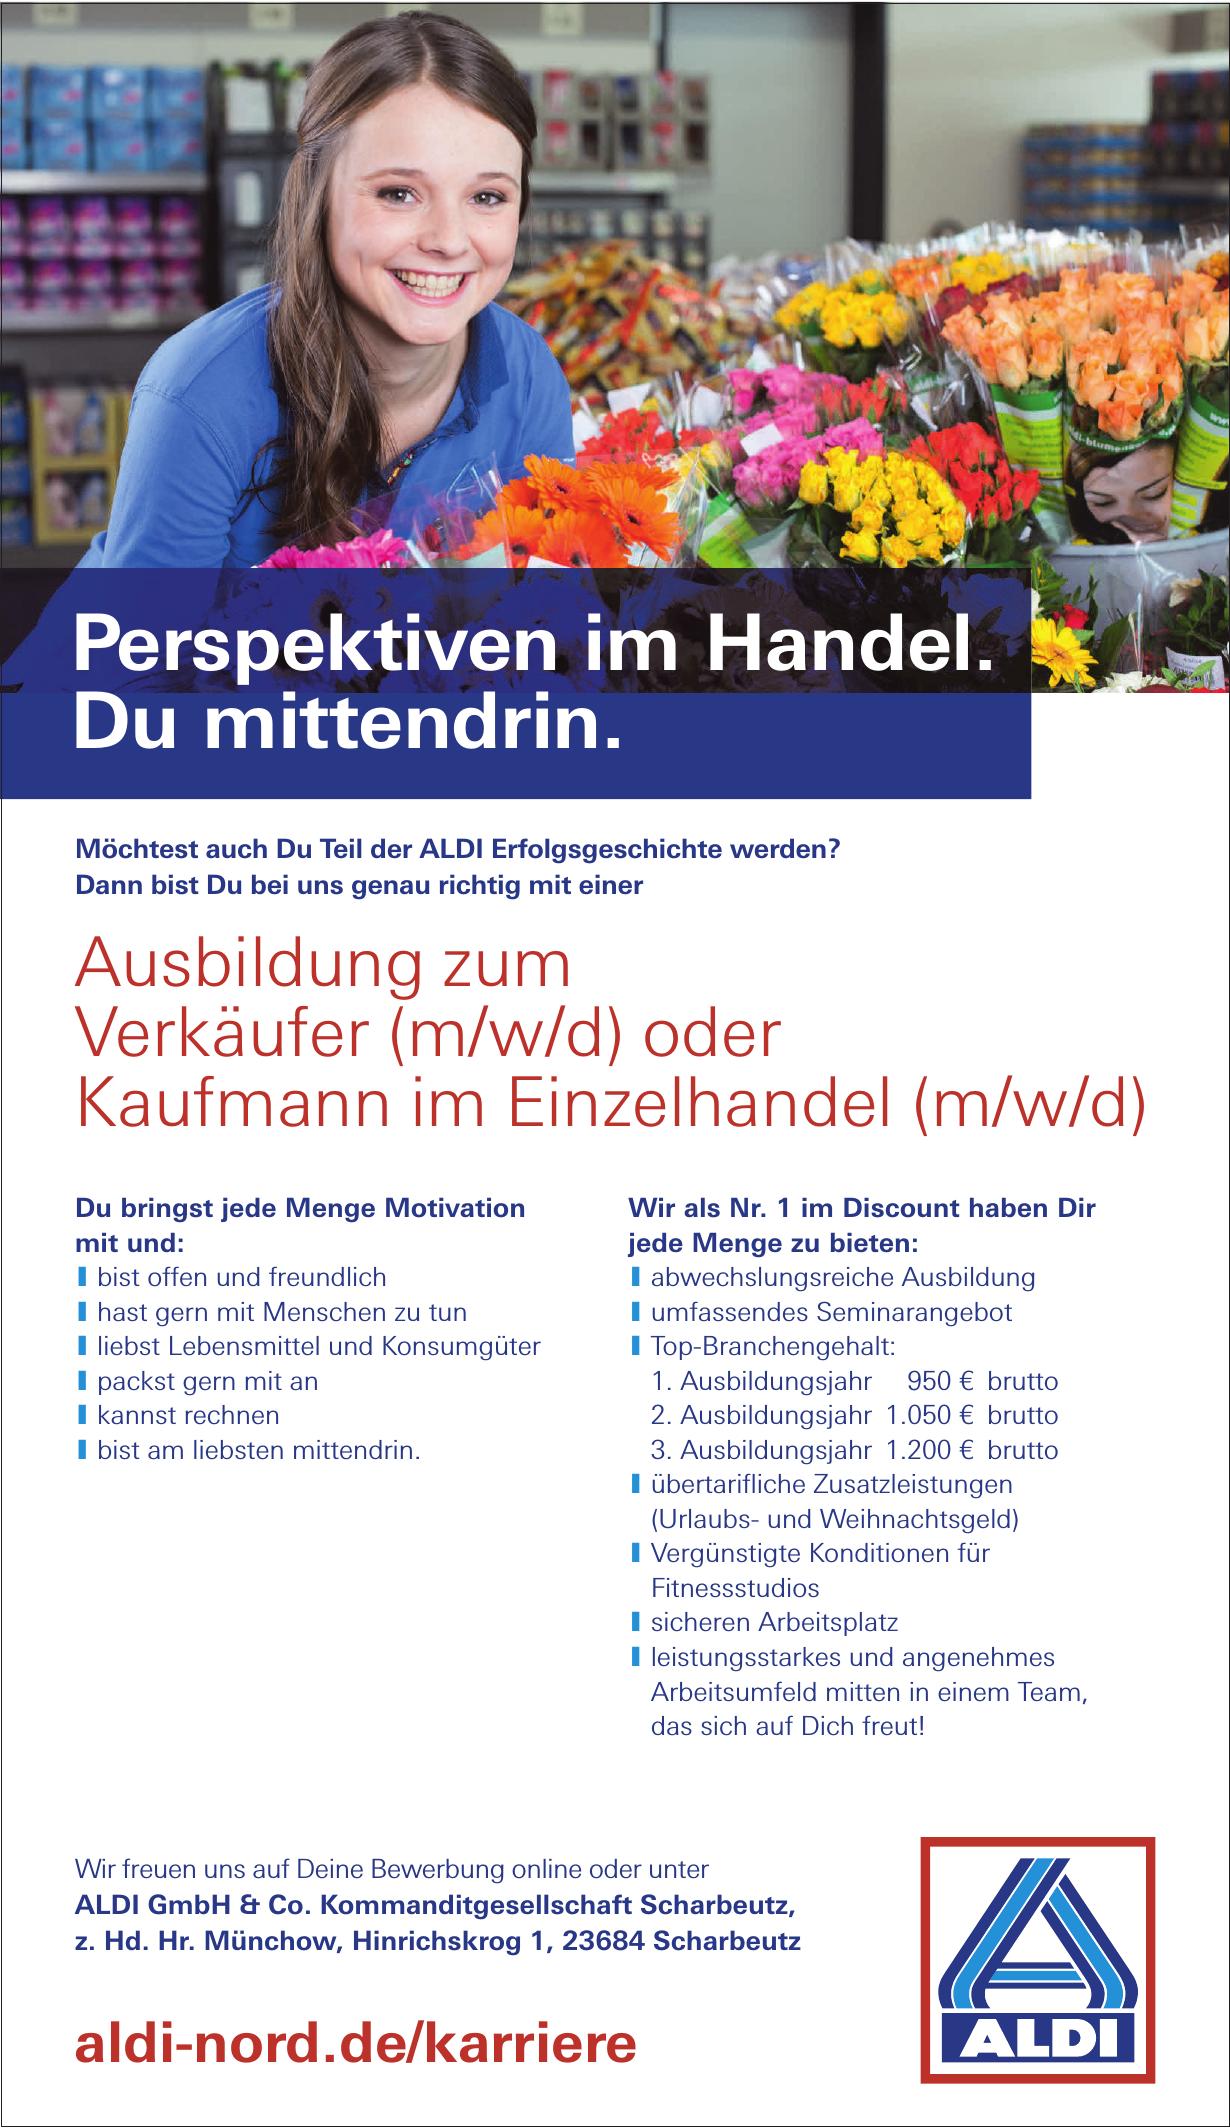 ALDI GmbH & Co. Kommanditgesellschaft Scharbeutz